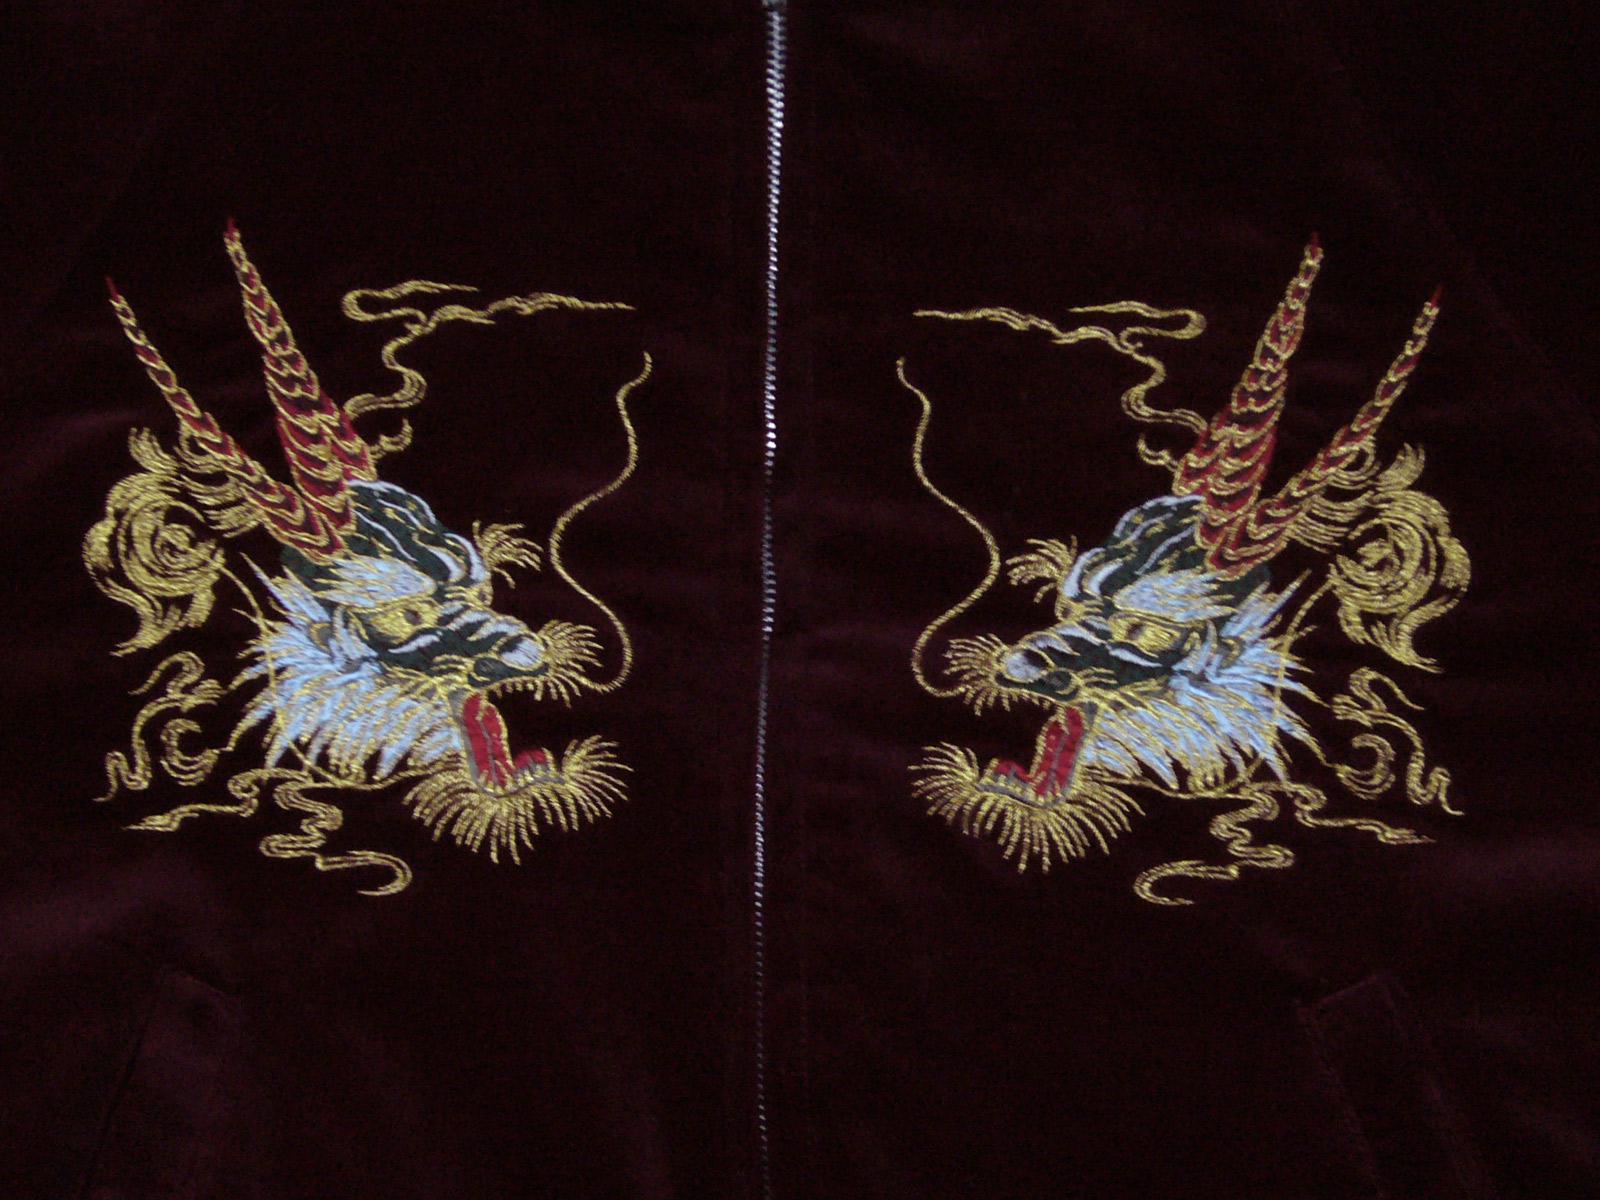 楽天市場 別珍 スカジャン 龍刺繍 Fサイズ ワイン袖金龍刺繍 日本製